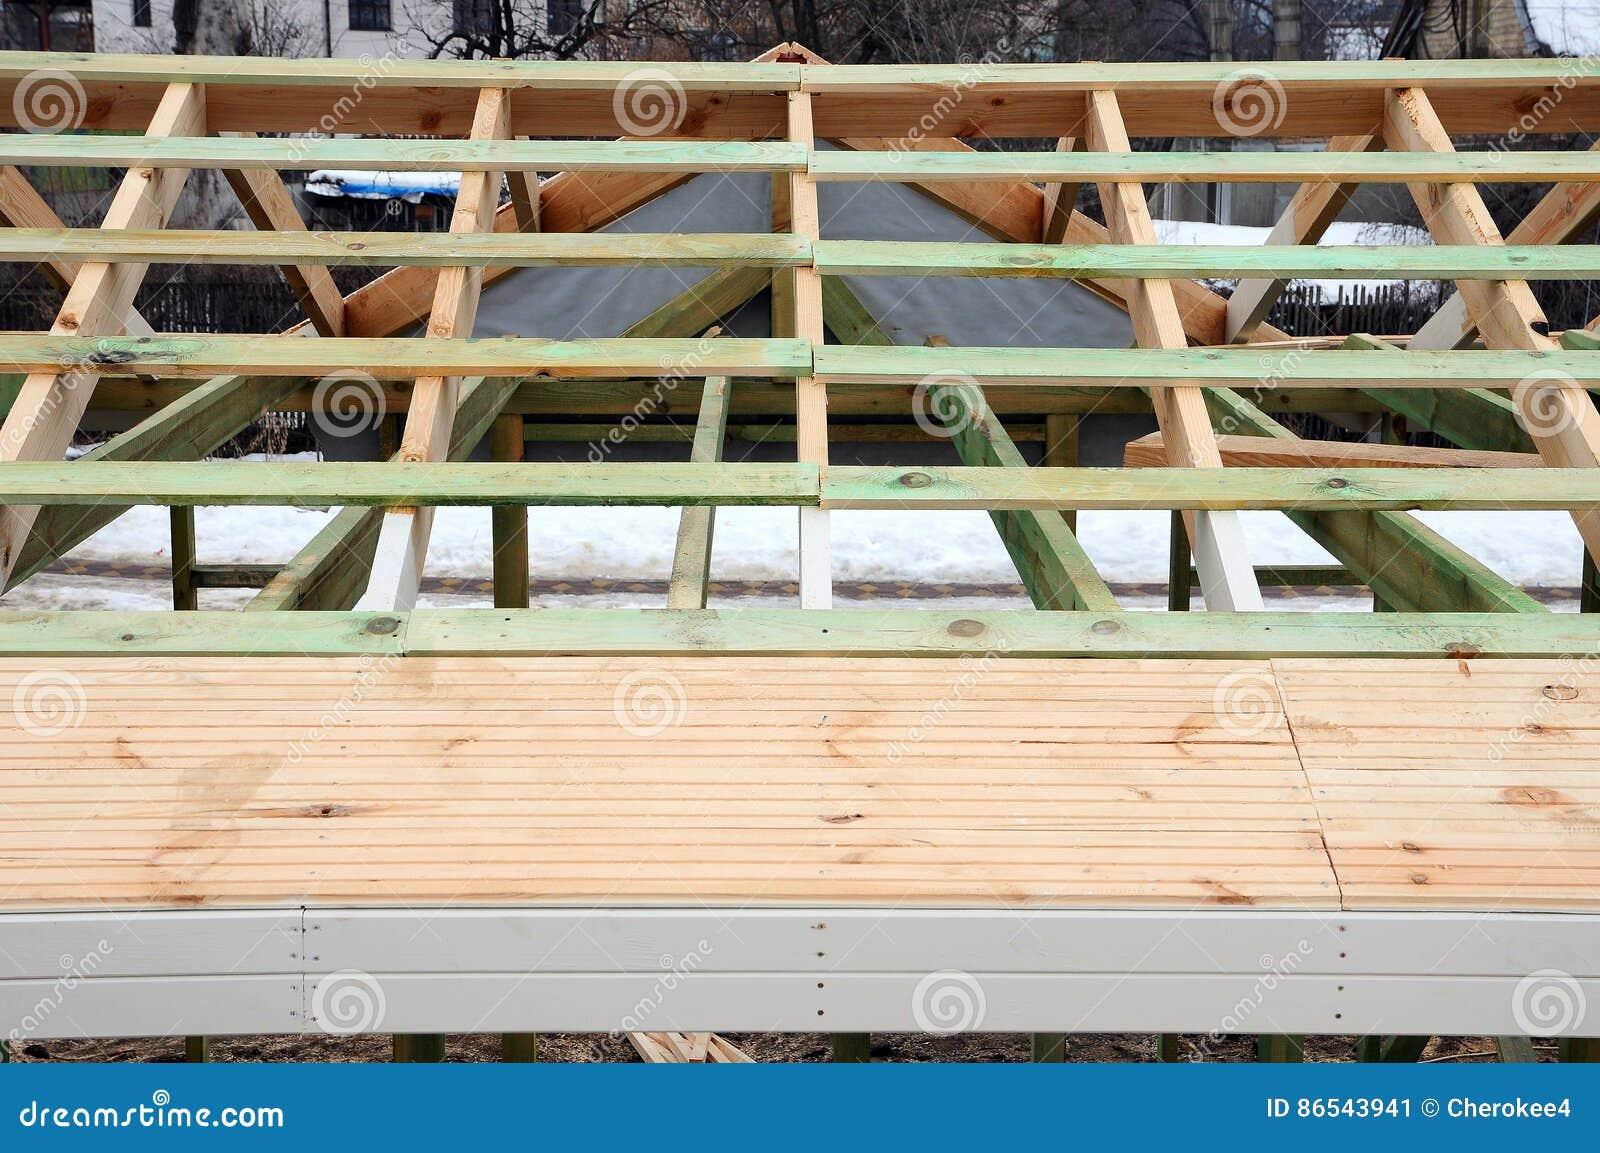 La estructura de madera del edificio edificio de marco de madera construcci n de madera del - Estructuras de madera para tejados ...